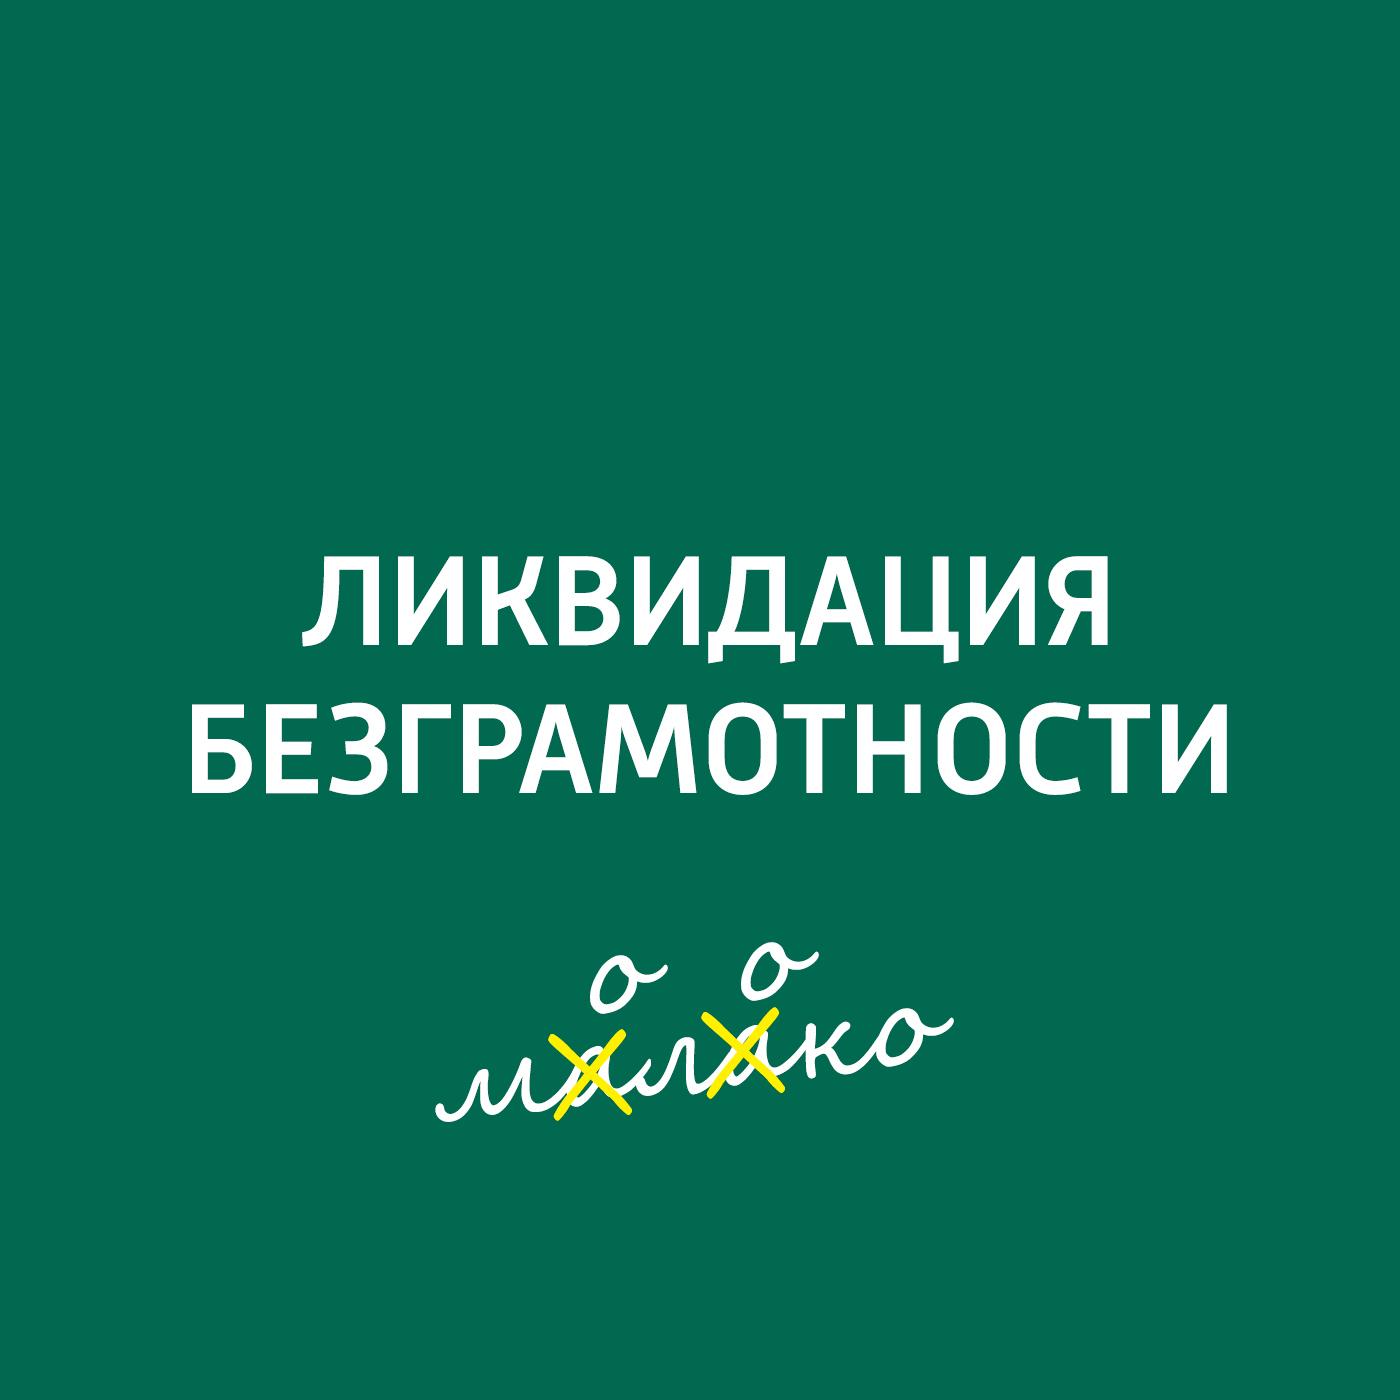 Пушкин: о слове и о гениях слова. Продолжение